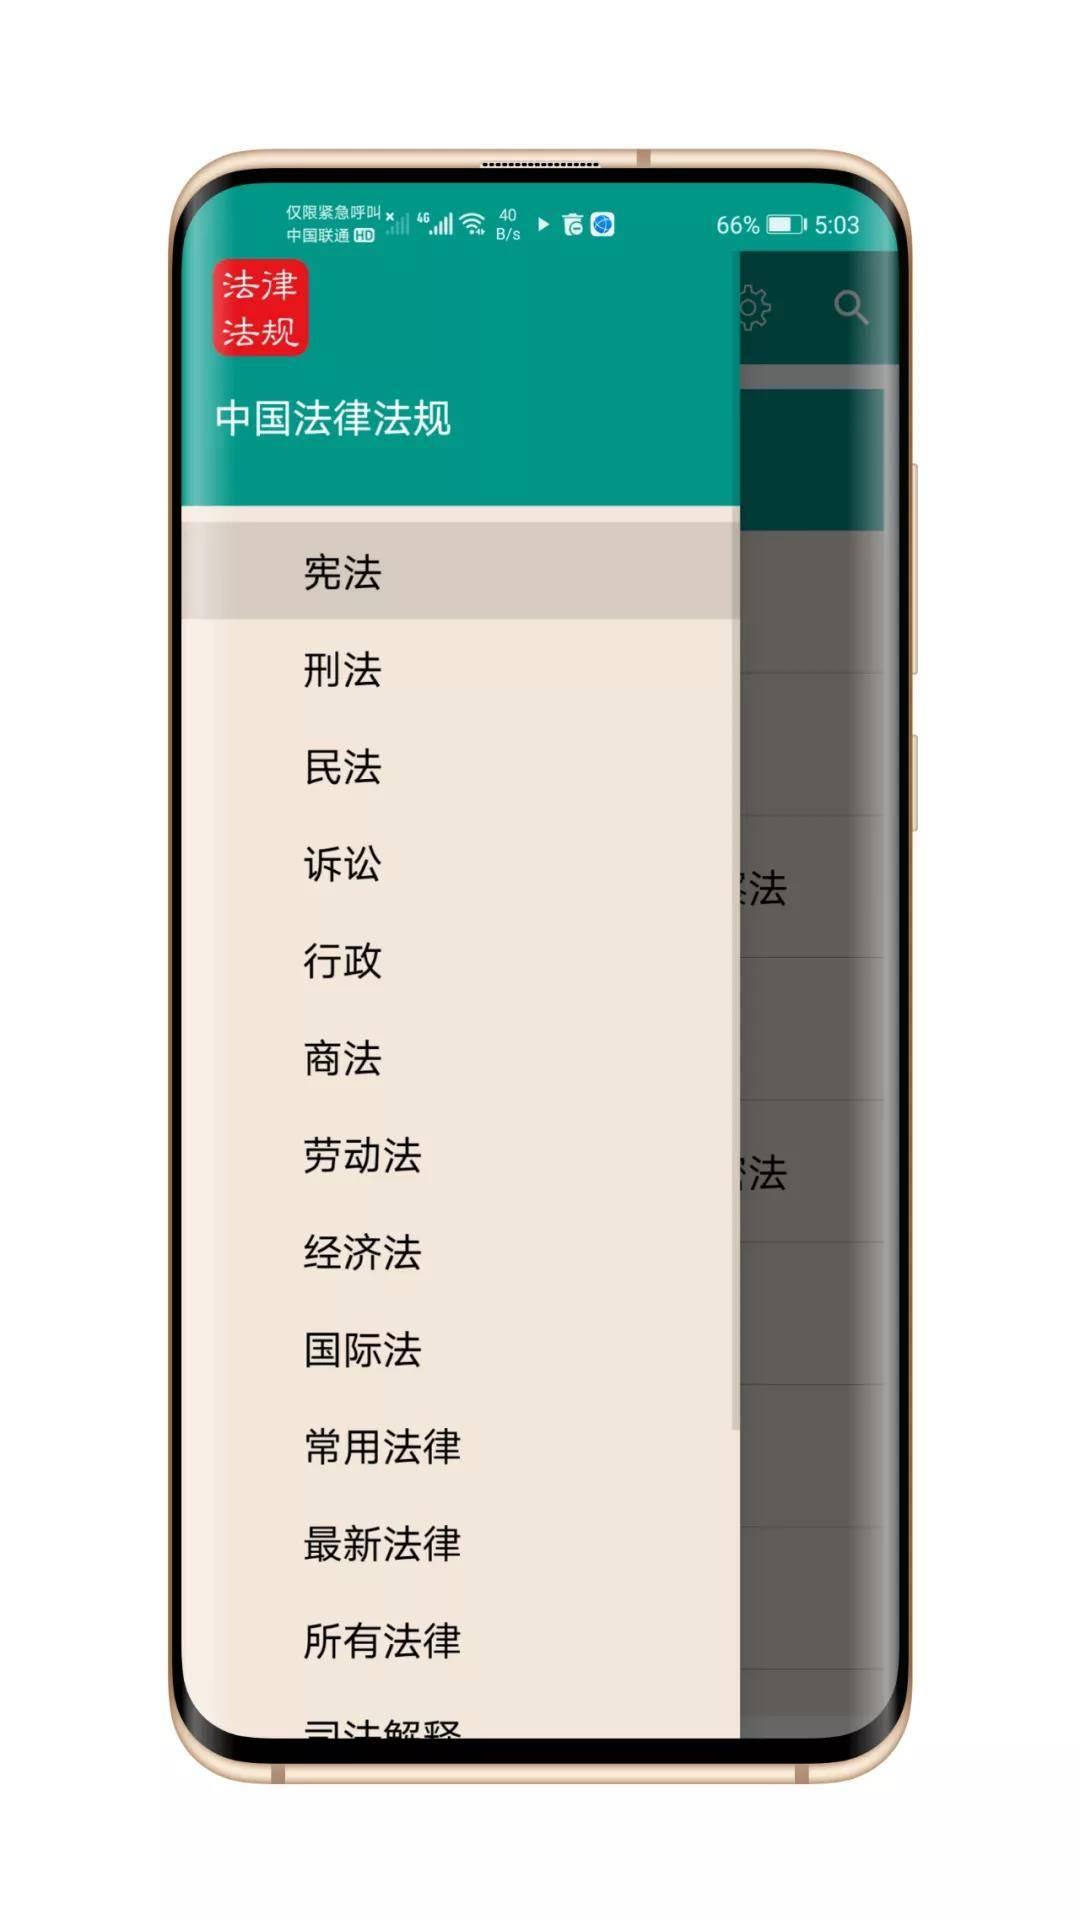 中国法律法规App软件 实时更新学习法律更方便